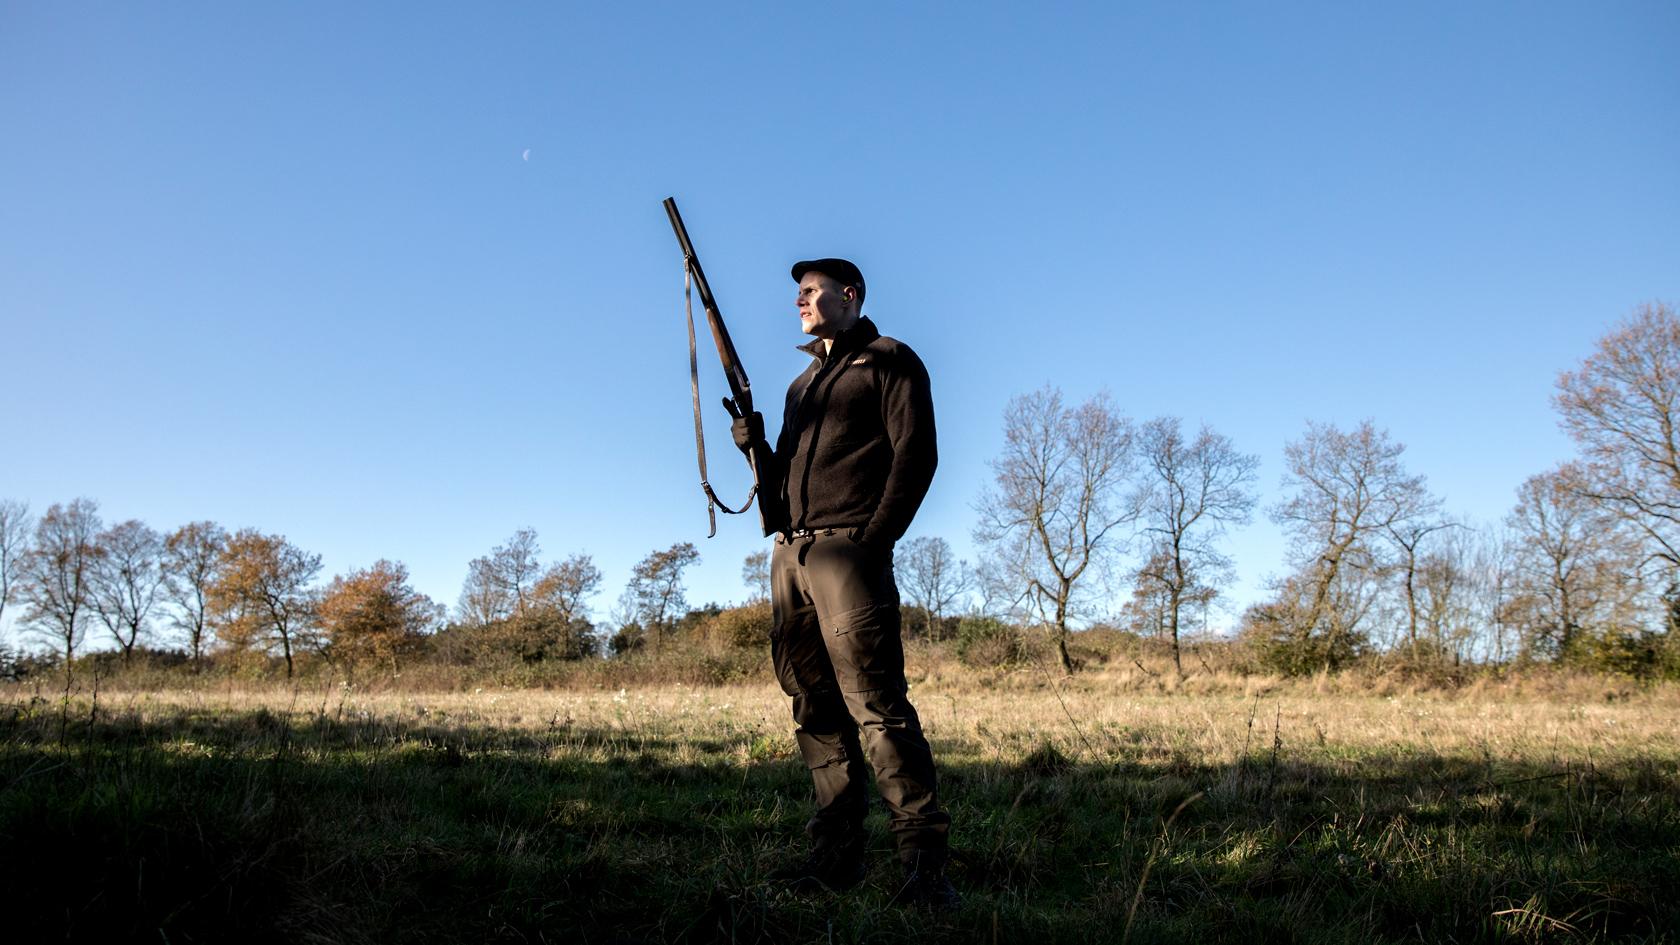 Mads elsker det fællesskab, som jagt skaber. Her kan både unge og ældre være med.